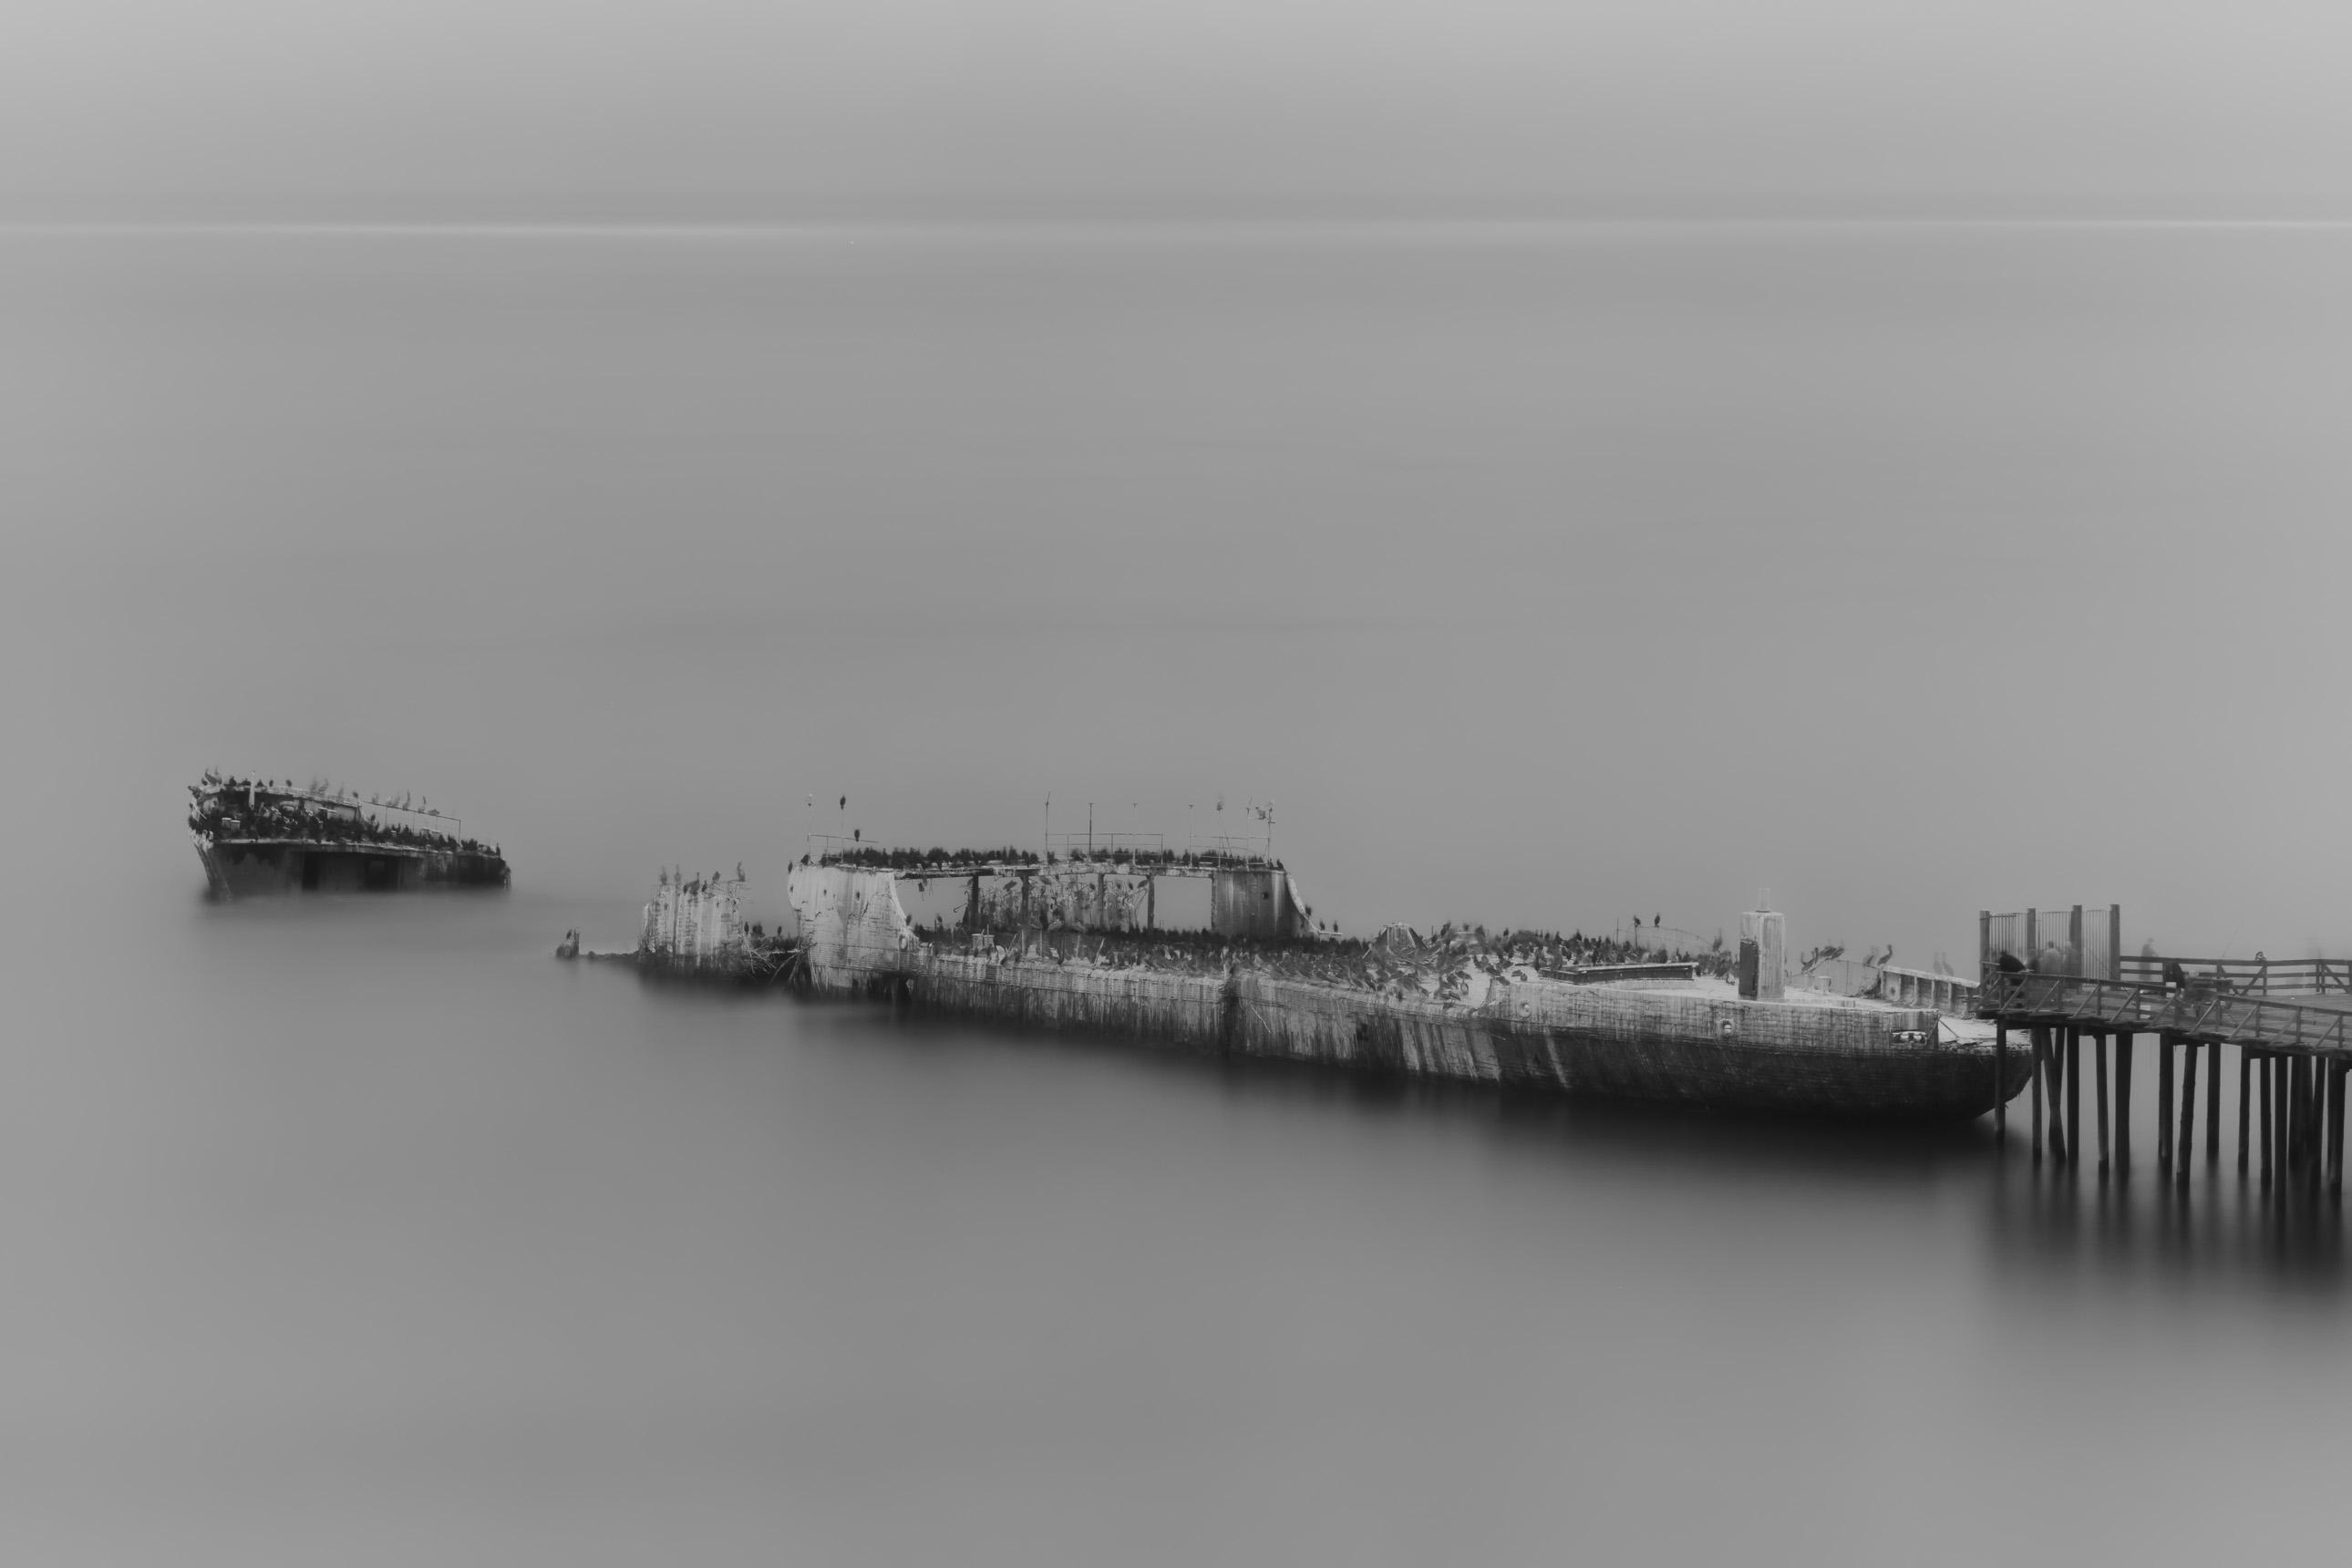 SS Palo Alto concrete ship in Aptos California